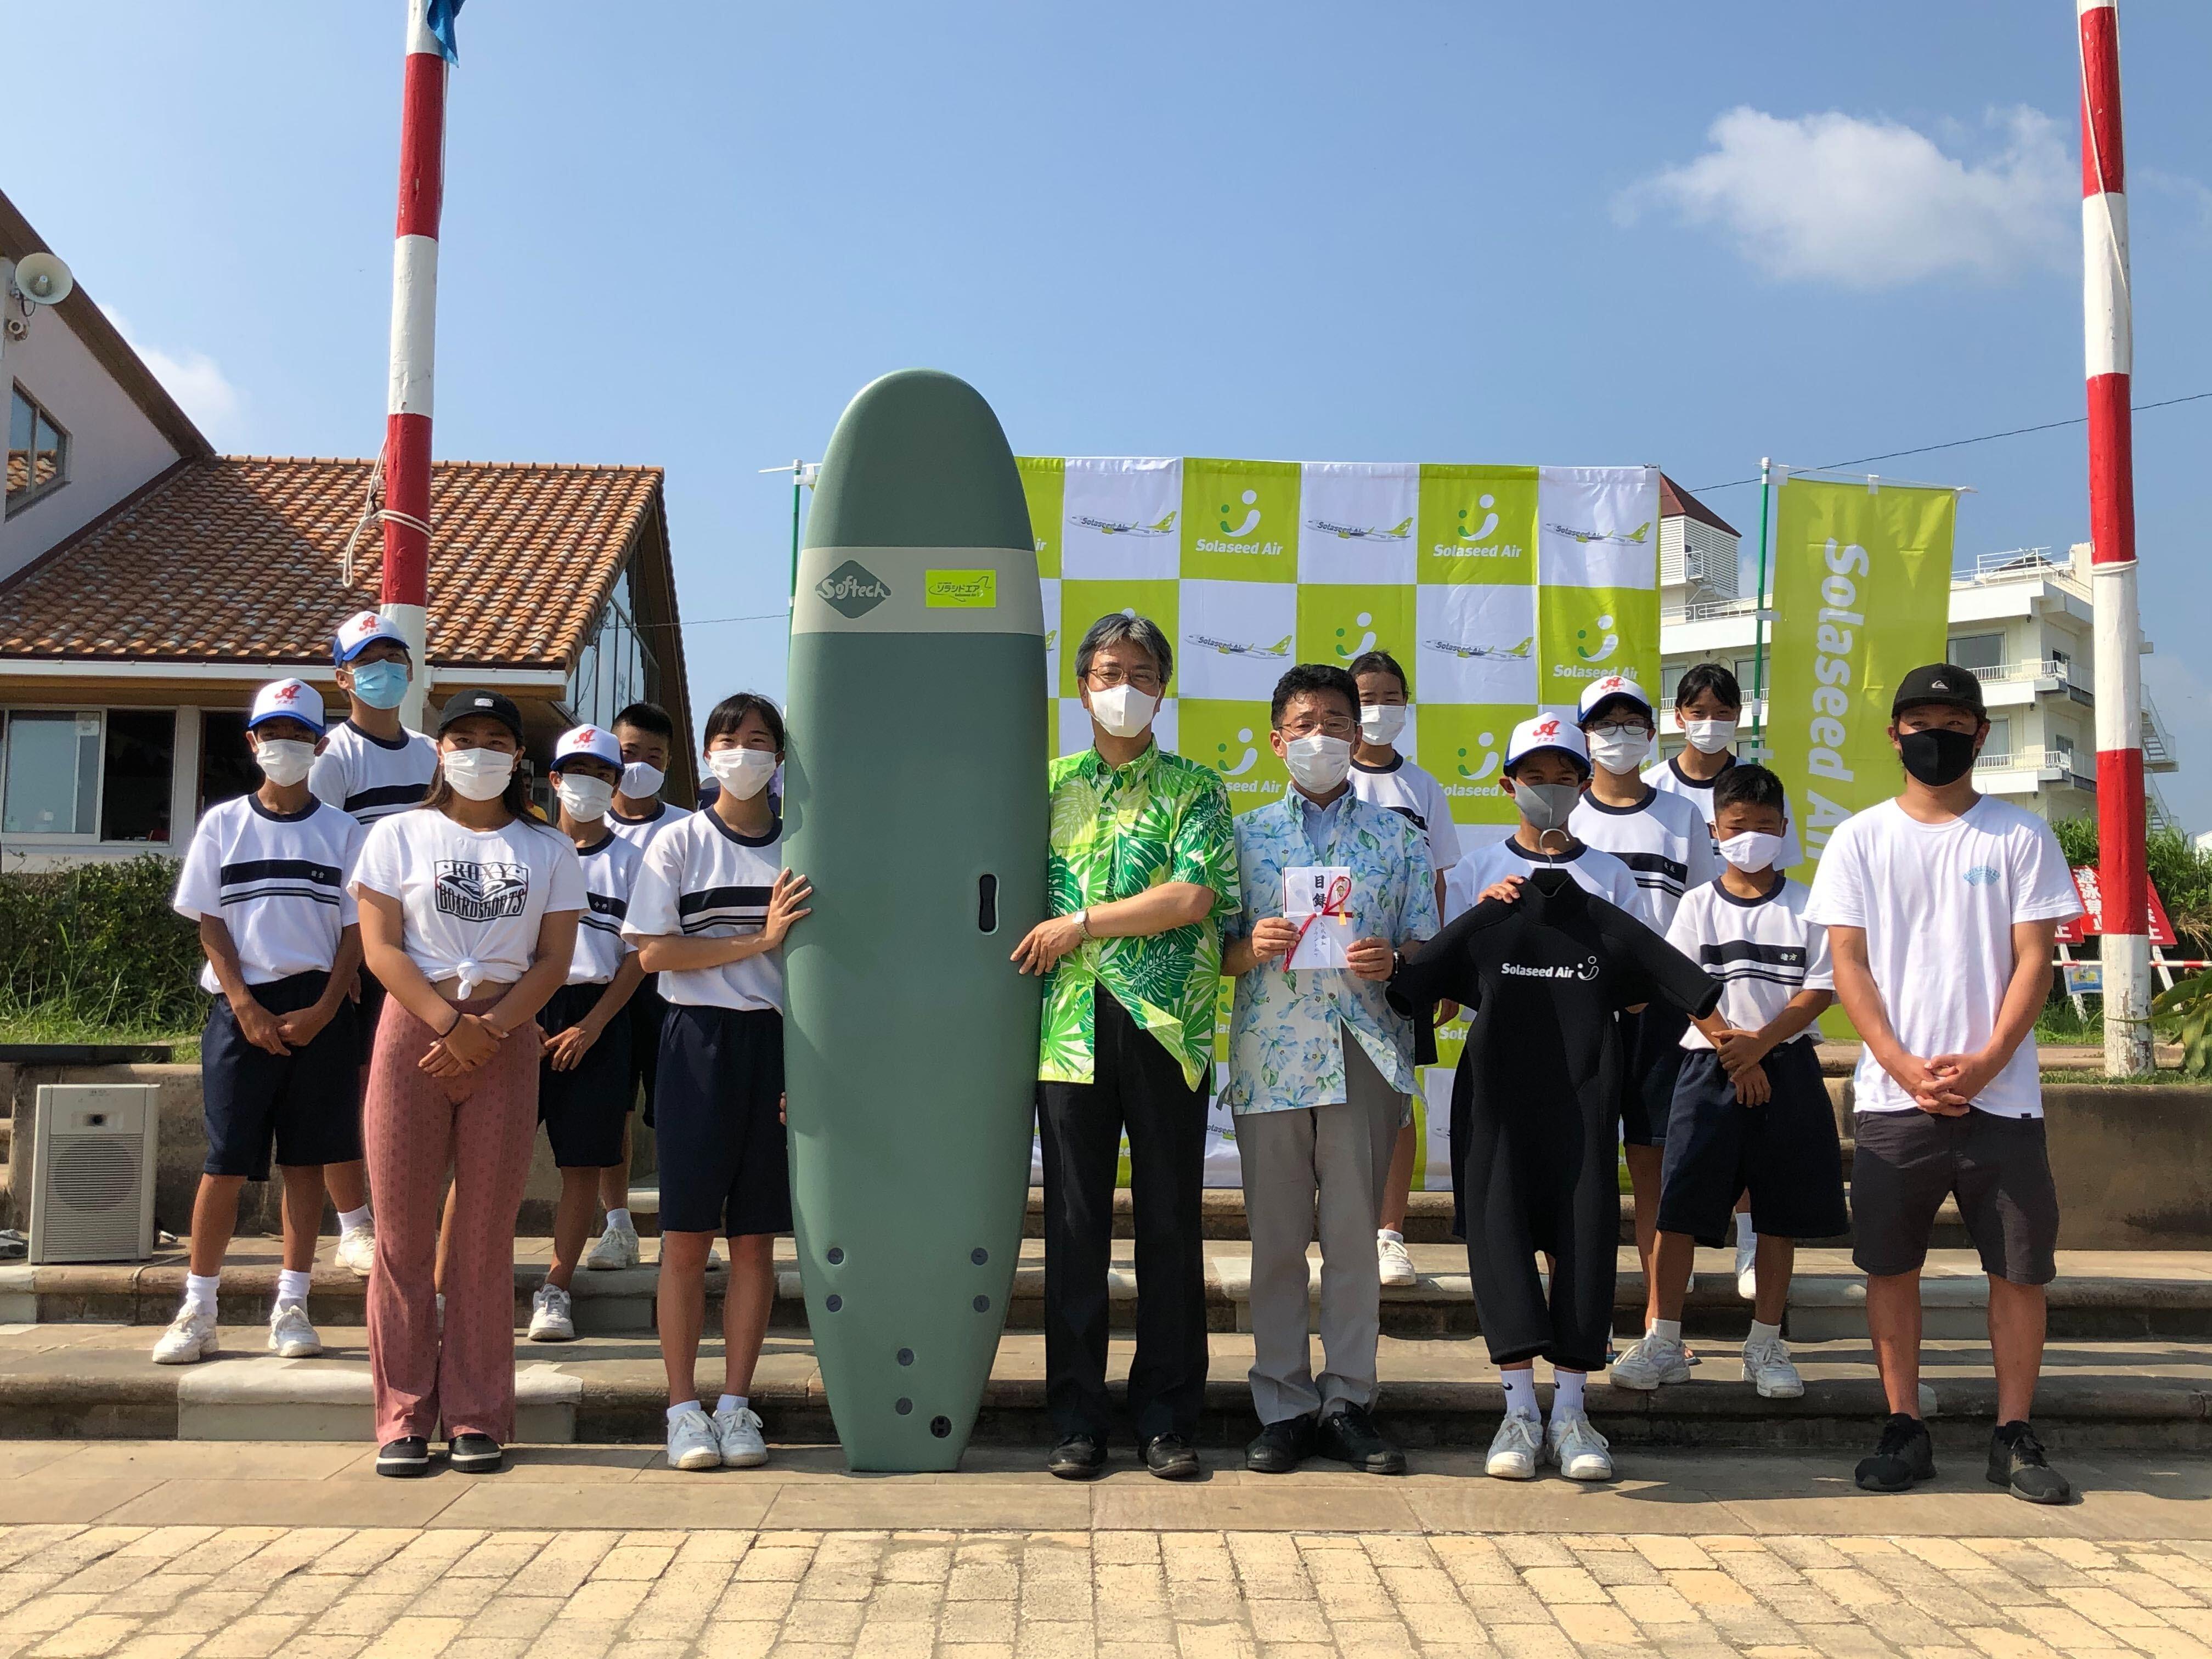 宮崎市立青島中学校 サーフィン部 へサーフボード等を寄贈